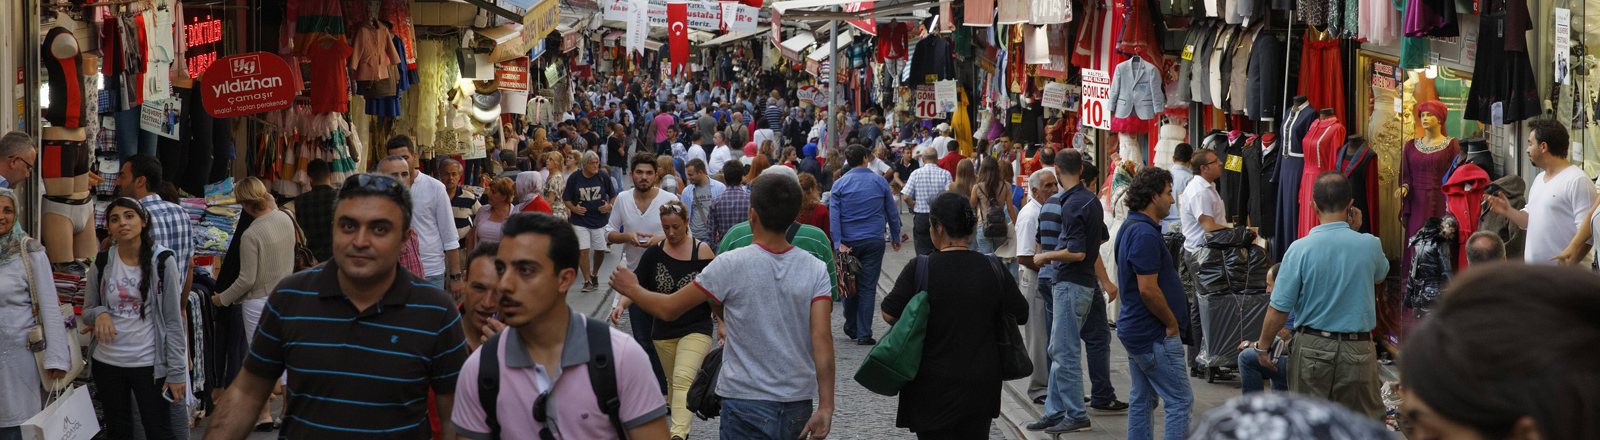 Mahmutpasa Yokusu Straße beim Großen Bazar in Instanbul